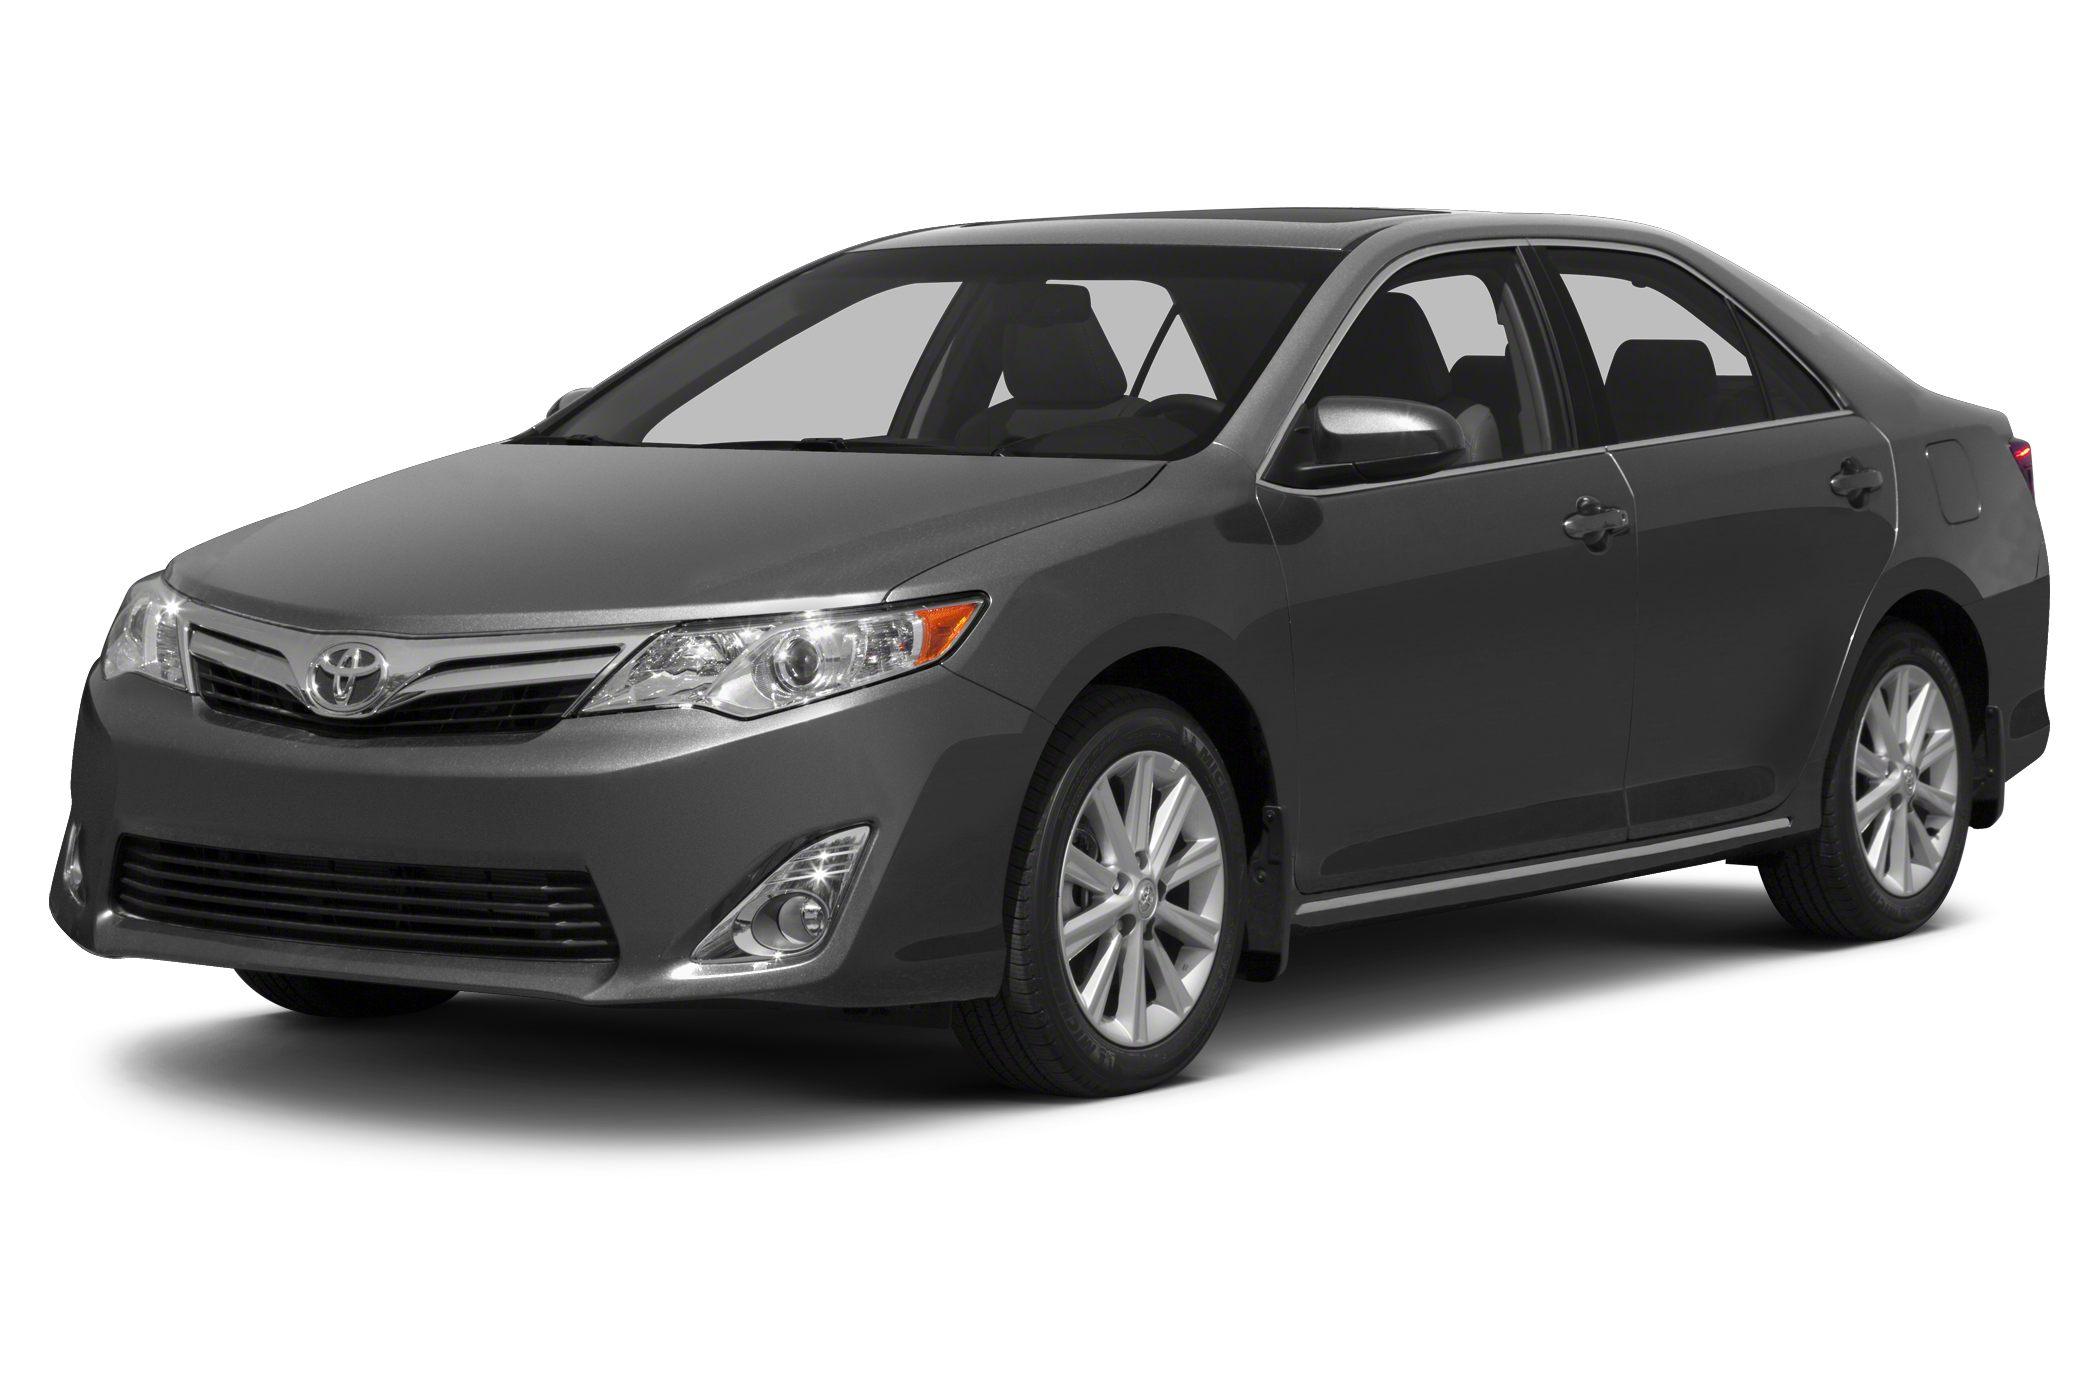 Kekurangan Toyota 2012 Top Model Tahun Ini